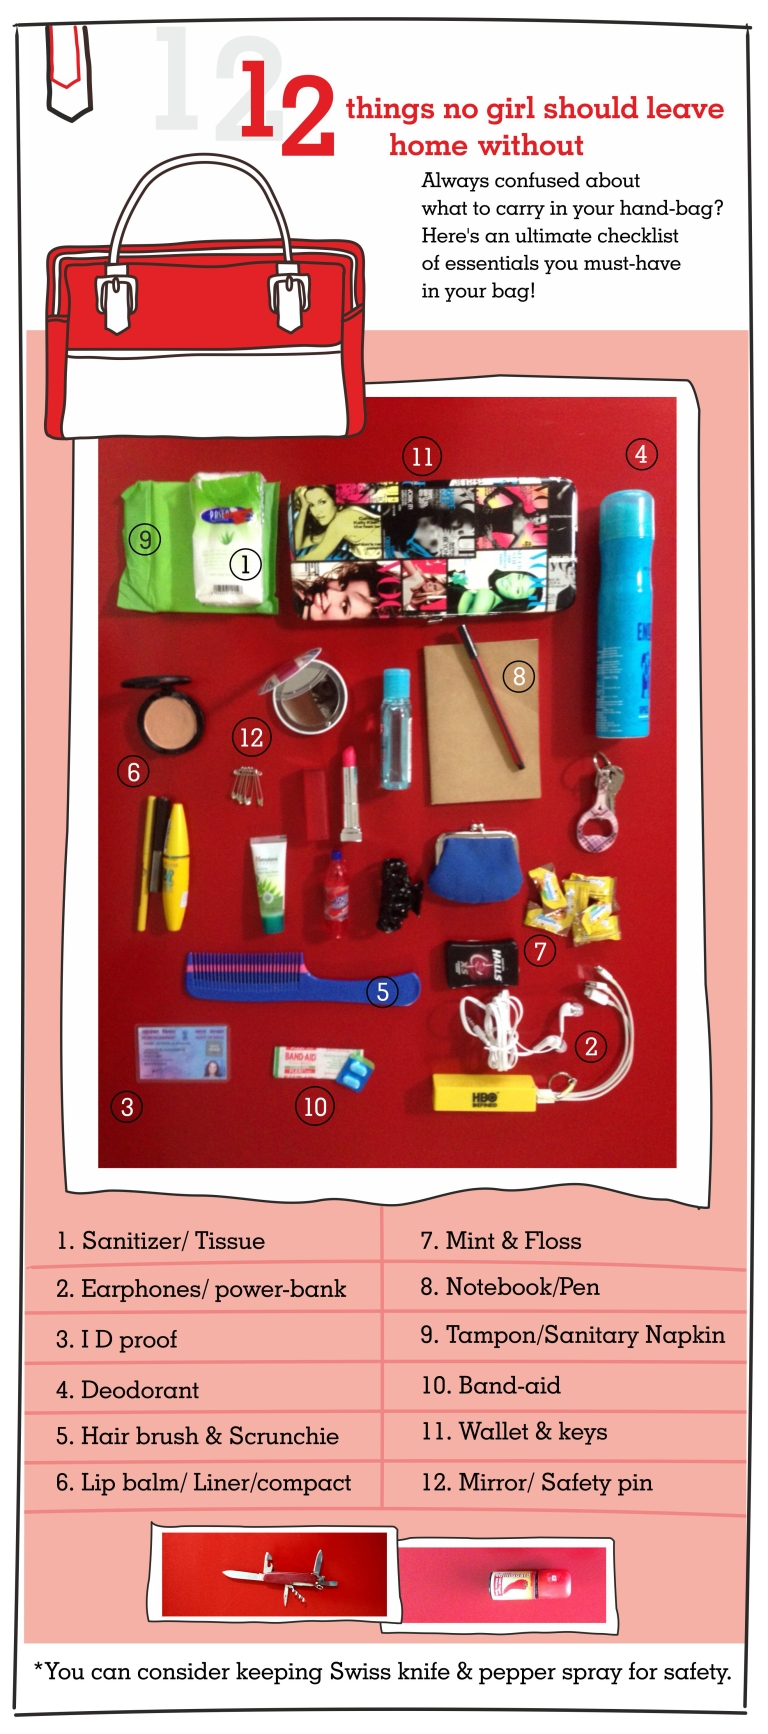 essentials1 (2)